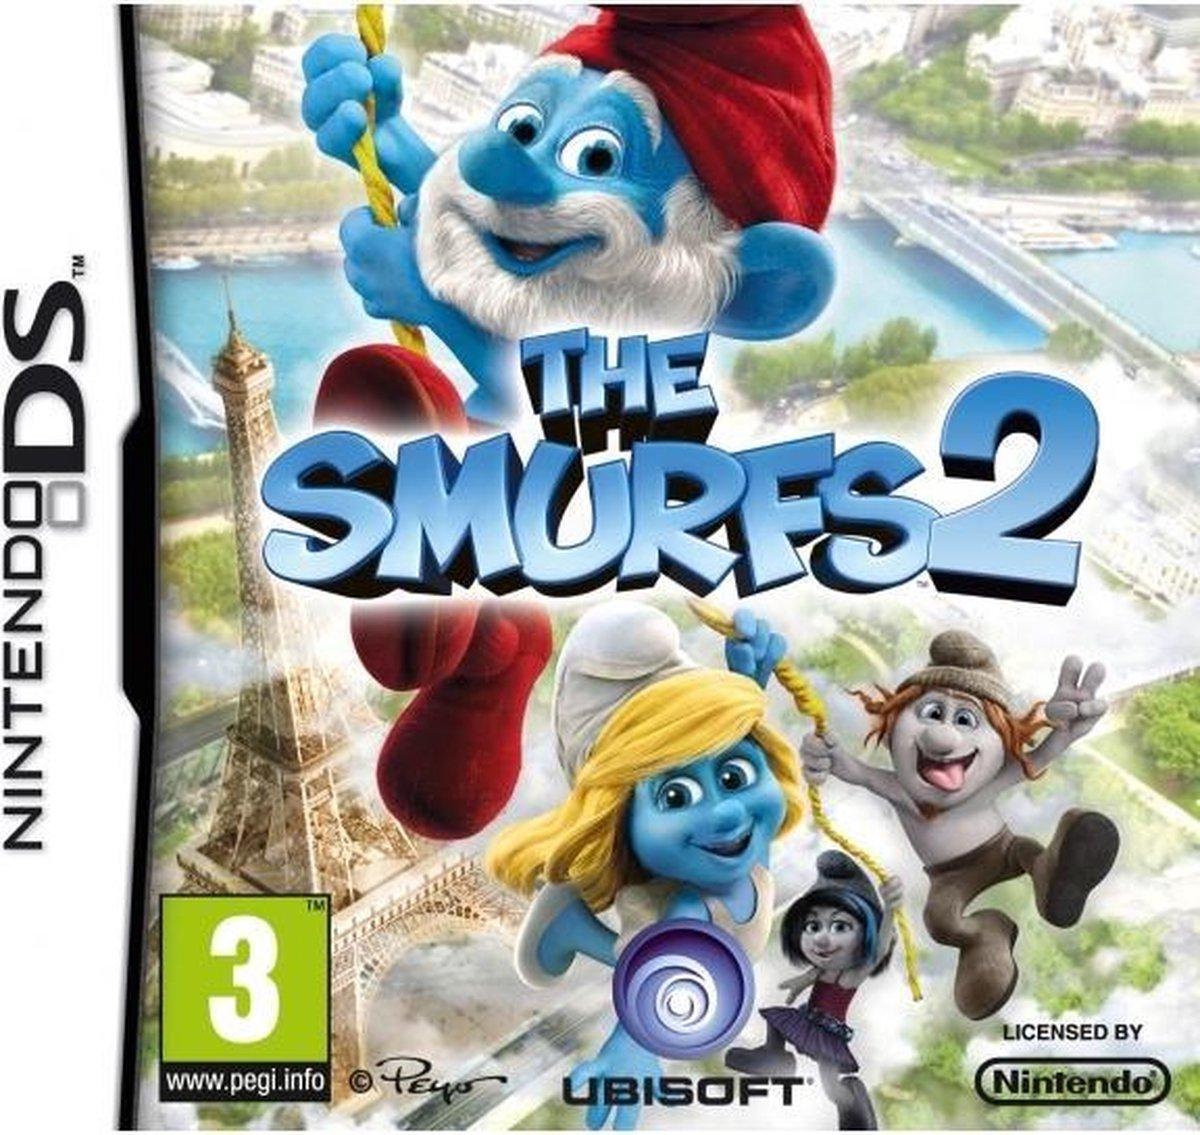 Nintendo The Smurfs 2 video-game Nintendo DS - Nintendo